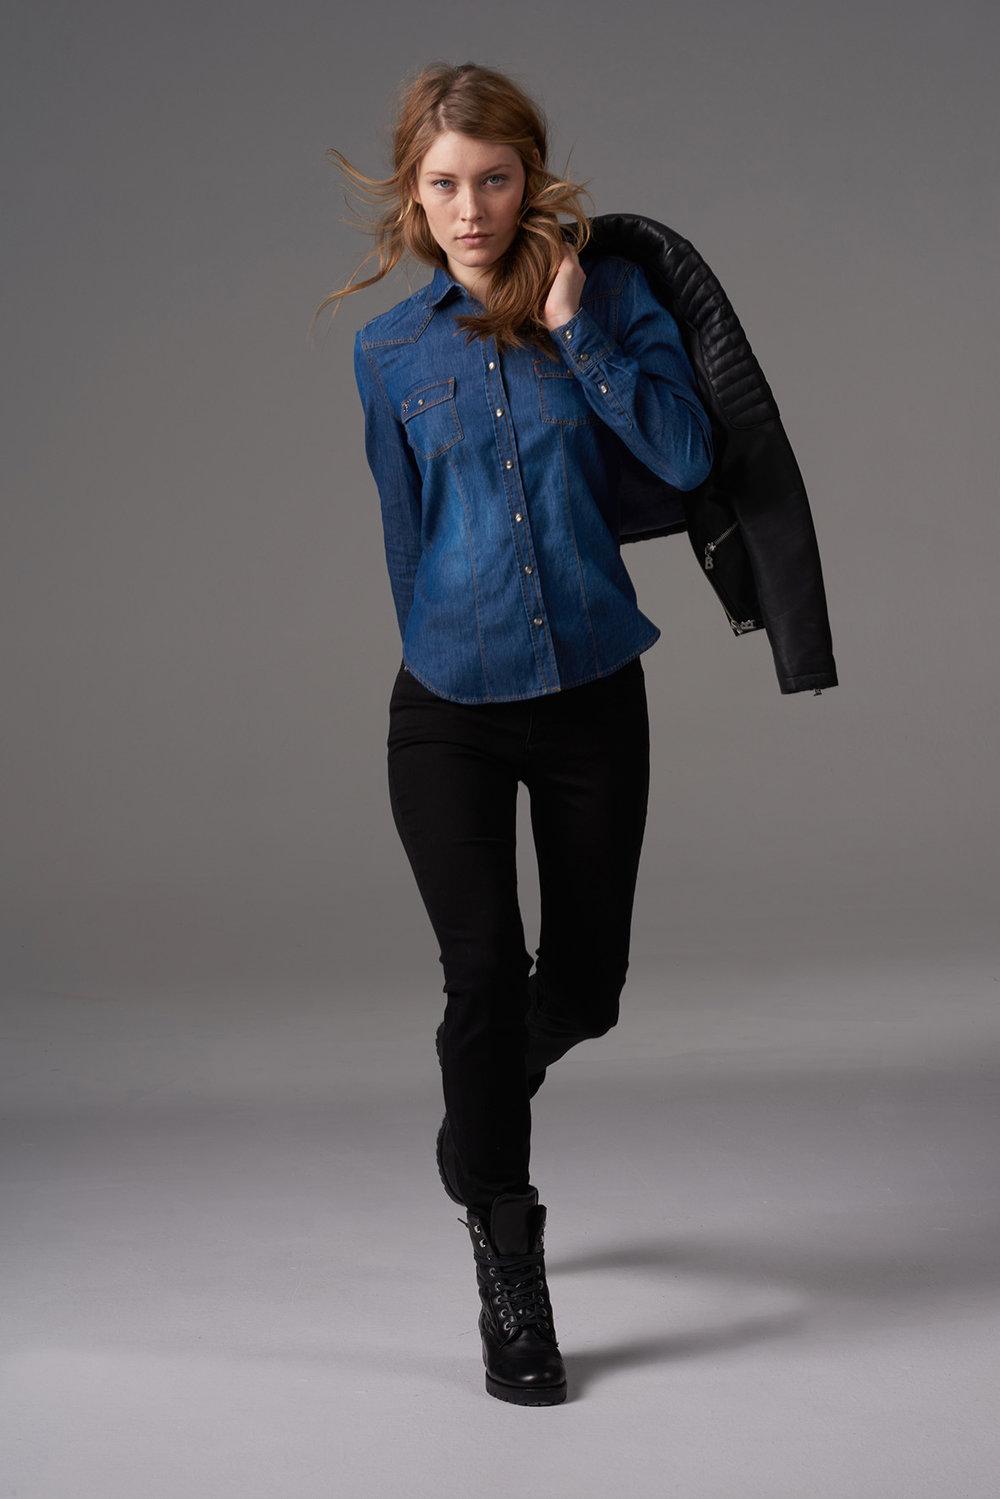 160412_Bogner Jeans-Look_04_140a.jpg